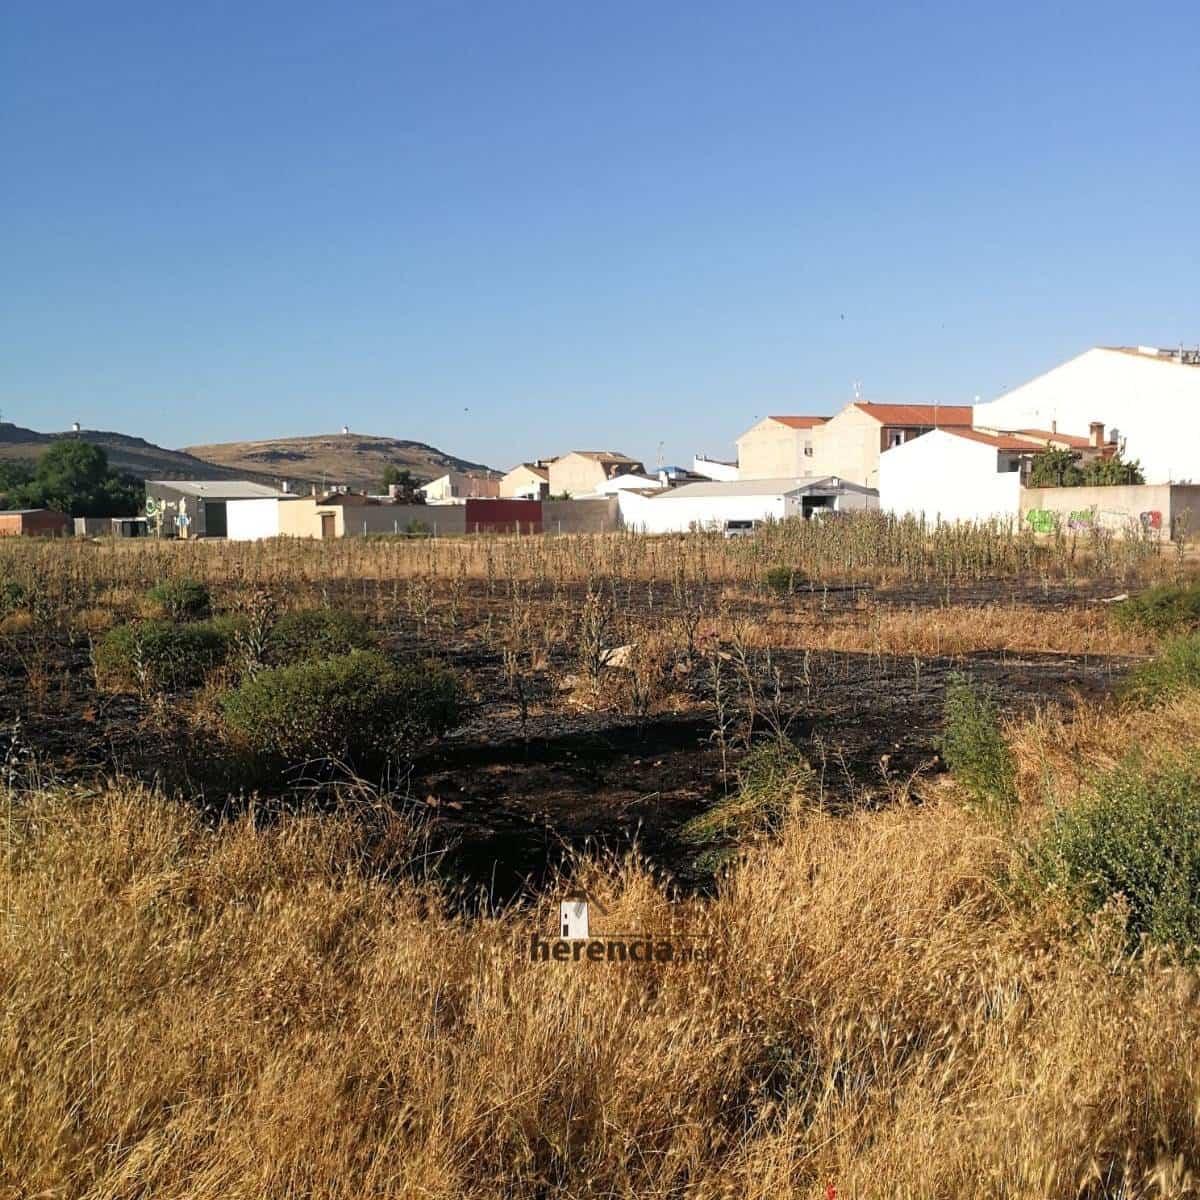 incendio extinguido en herencia cerca calle molinos 1 - Extinguido un incendio de la broza de una parcela en Herencia